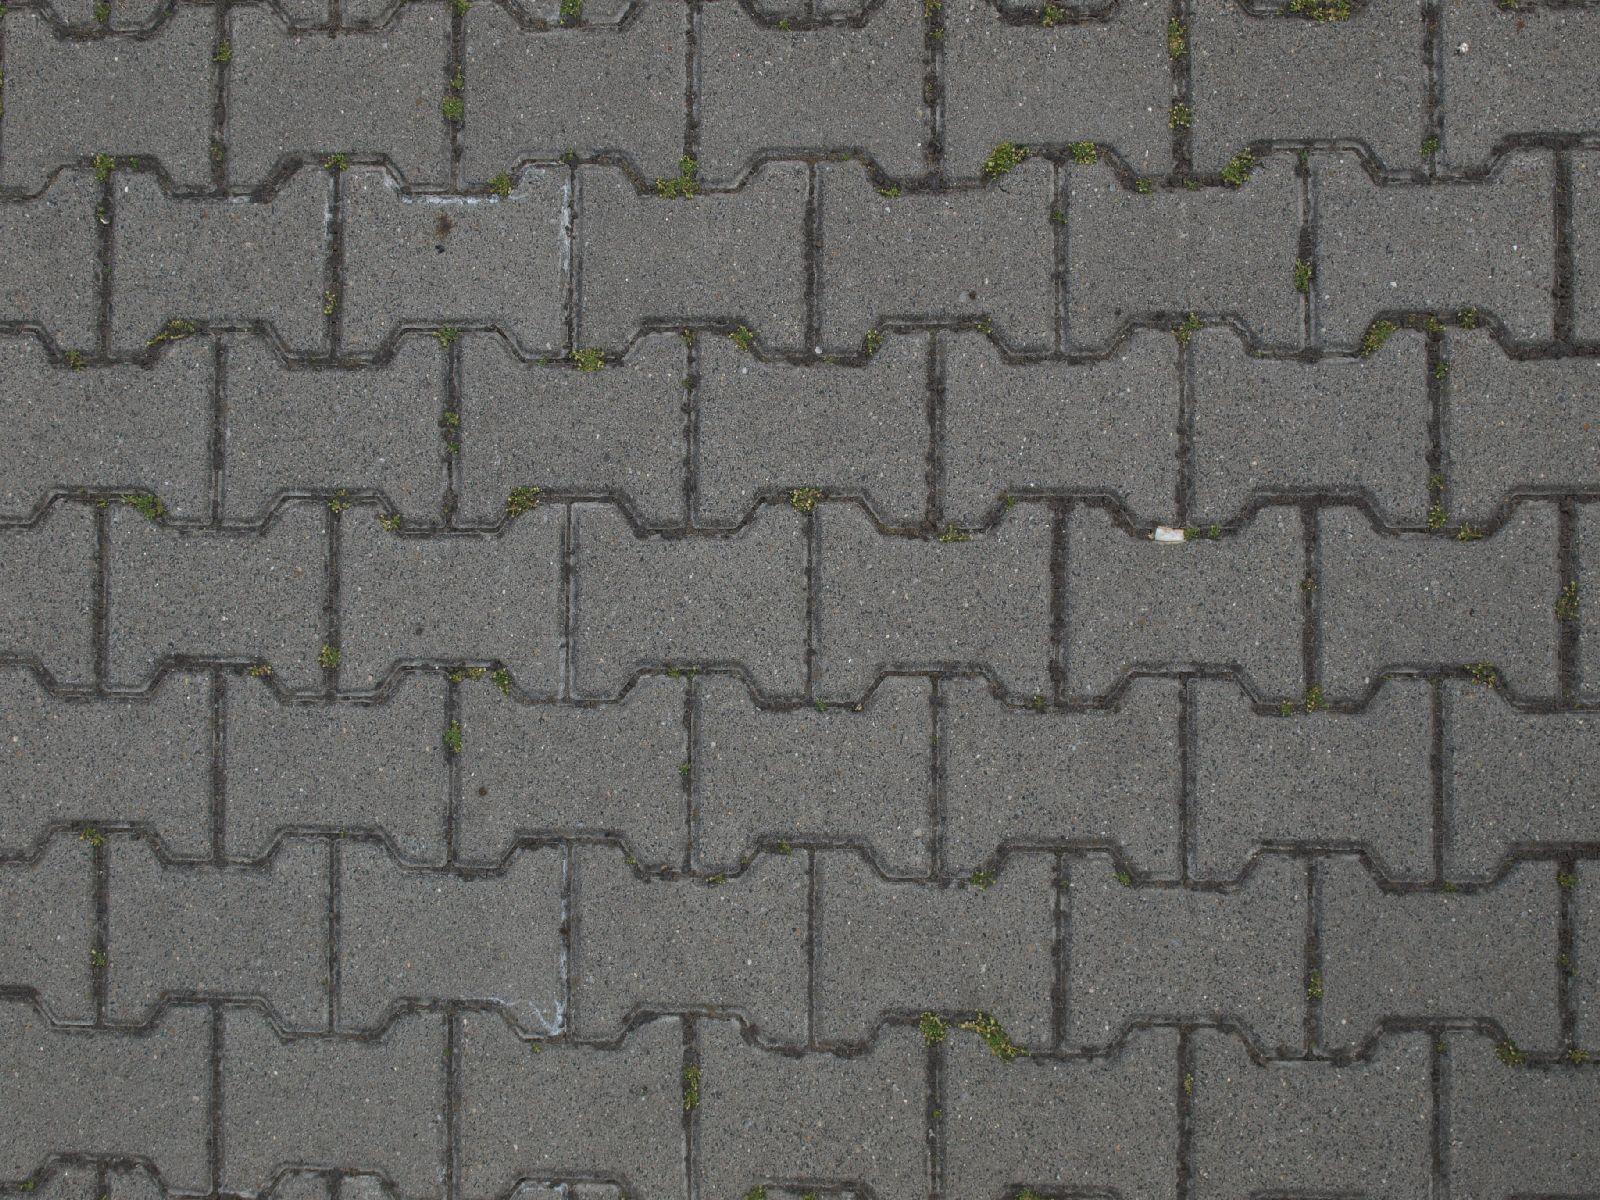 Ground-Urban_Texture_A_P6046697